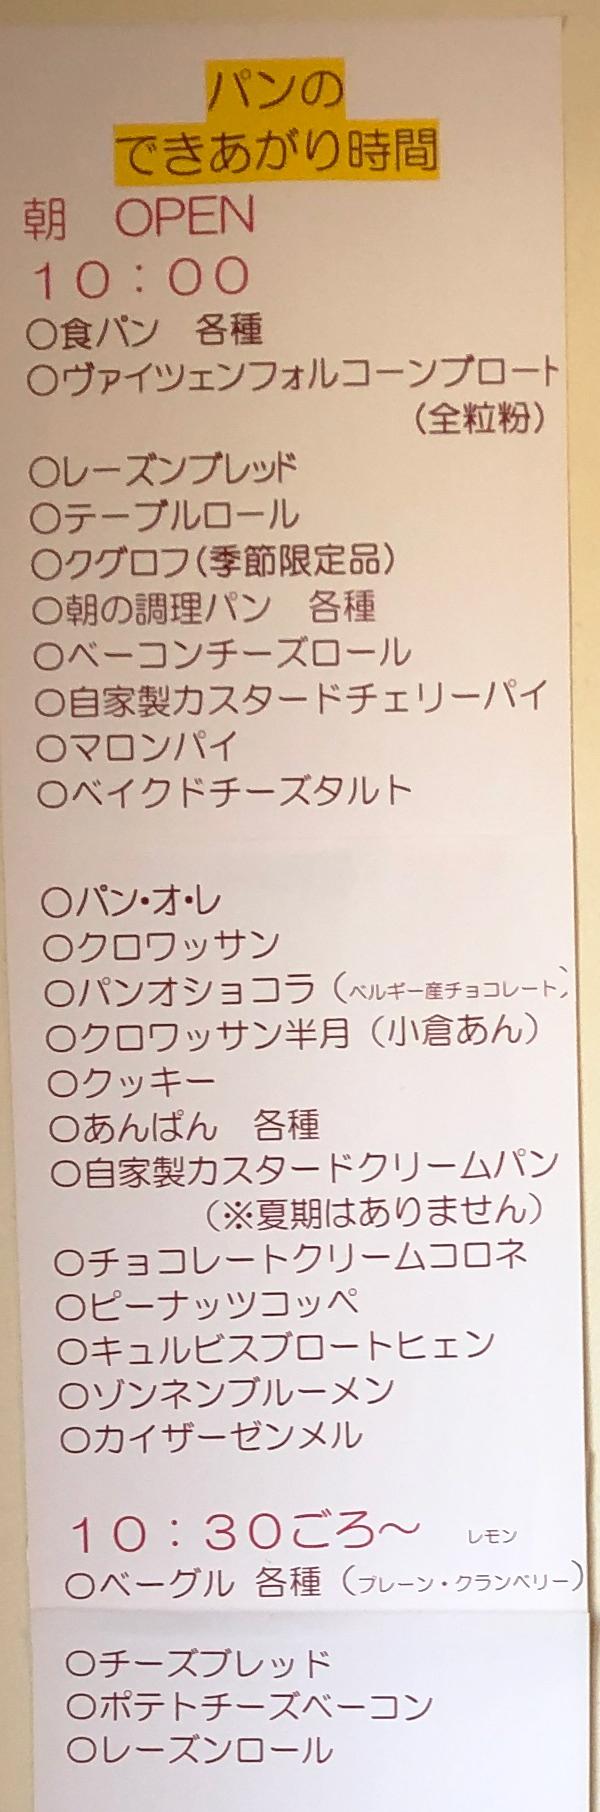 大船・玉縄・岡本・パン屋・ベッカライジーベン